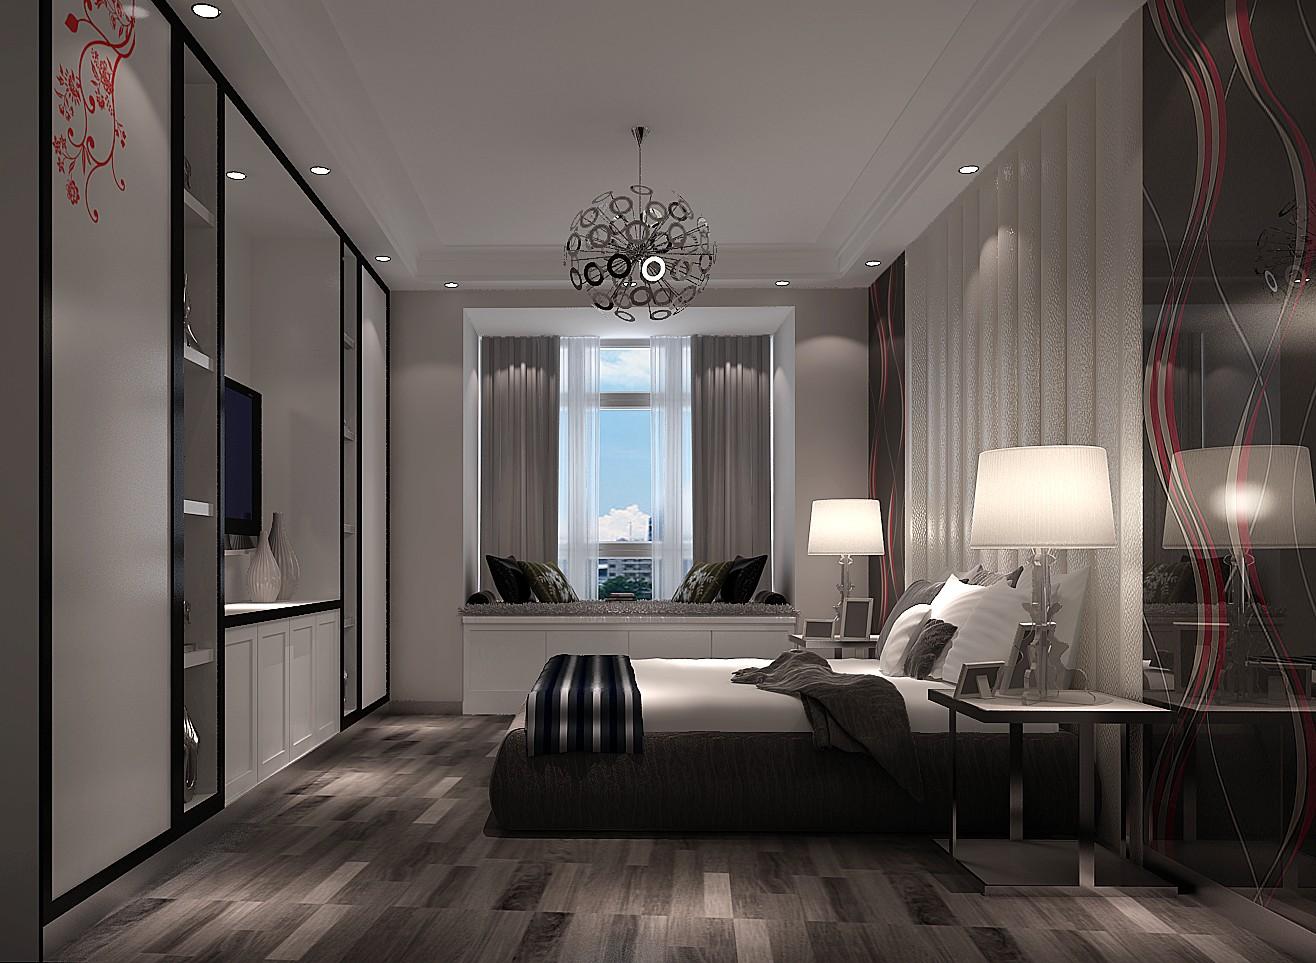 高度国际 中景江山赋 现代 公寓 卧室图片来自高度国际在高度国际-家居强调功能性设计的分享